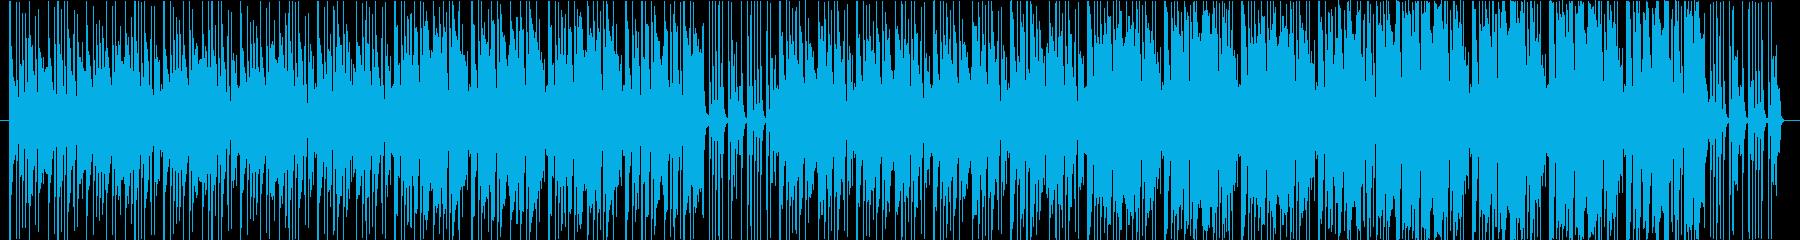 こども/ほのぼの/木琴リコーダー打楽器の再生済みの波形